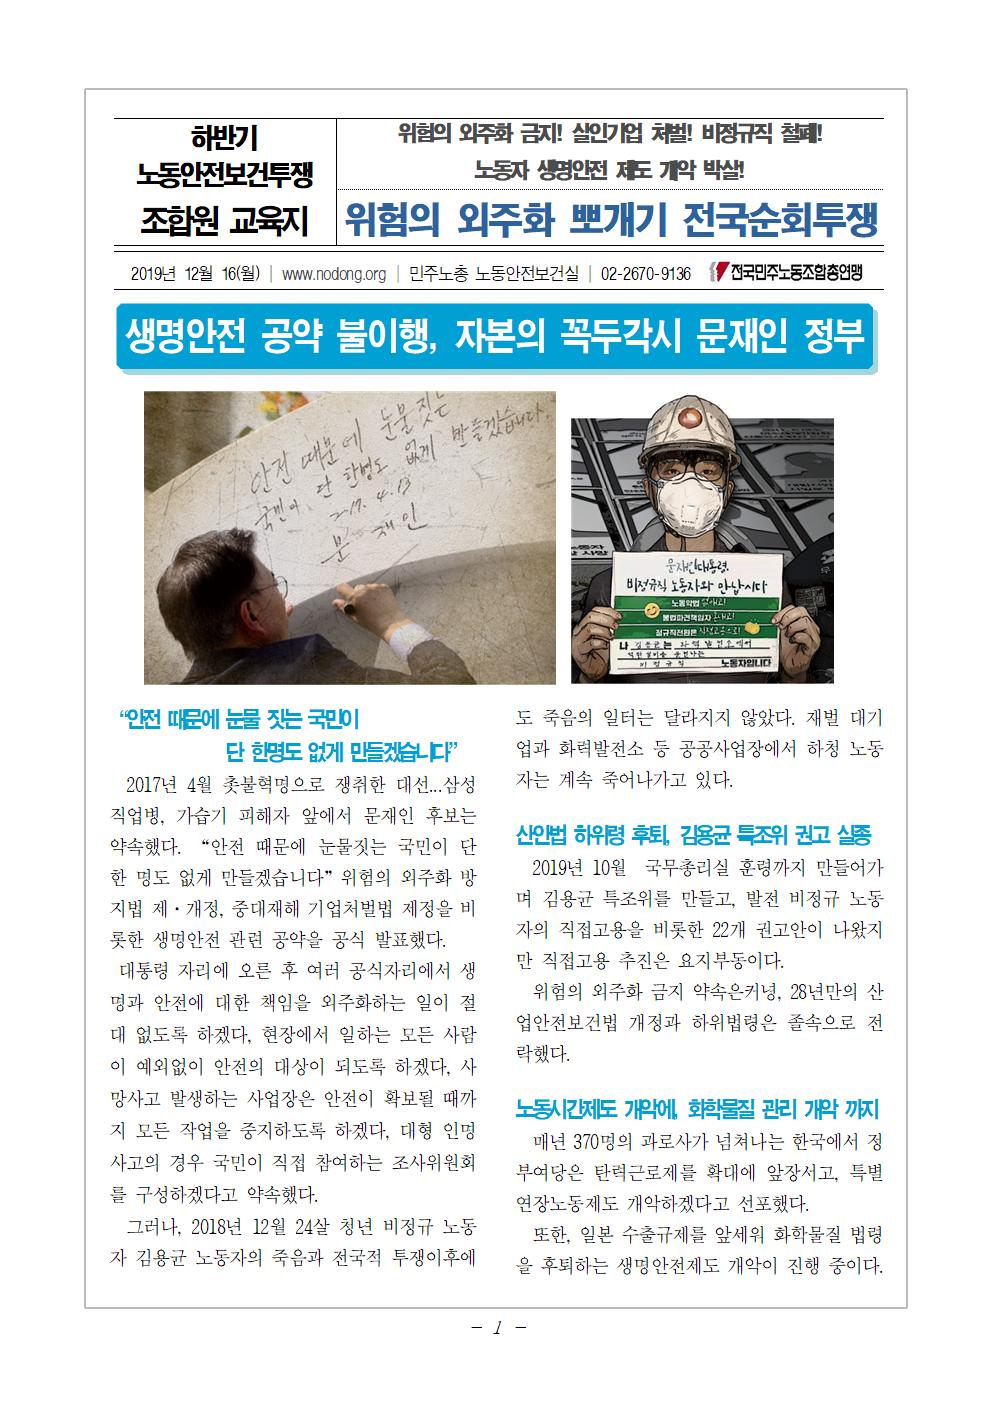 2019_노안순회투쟁교육지_1217001.png